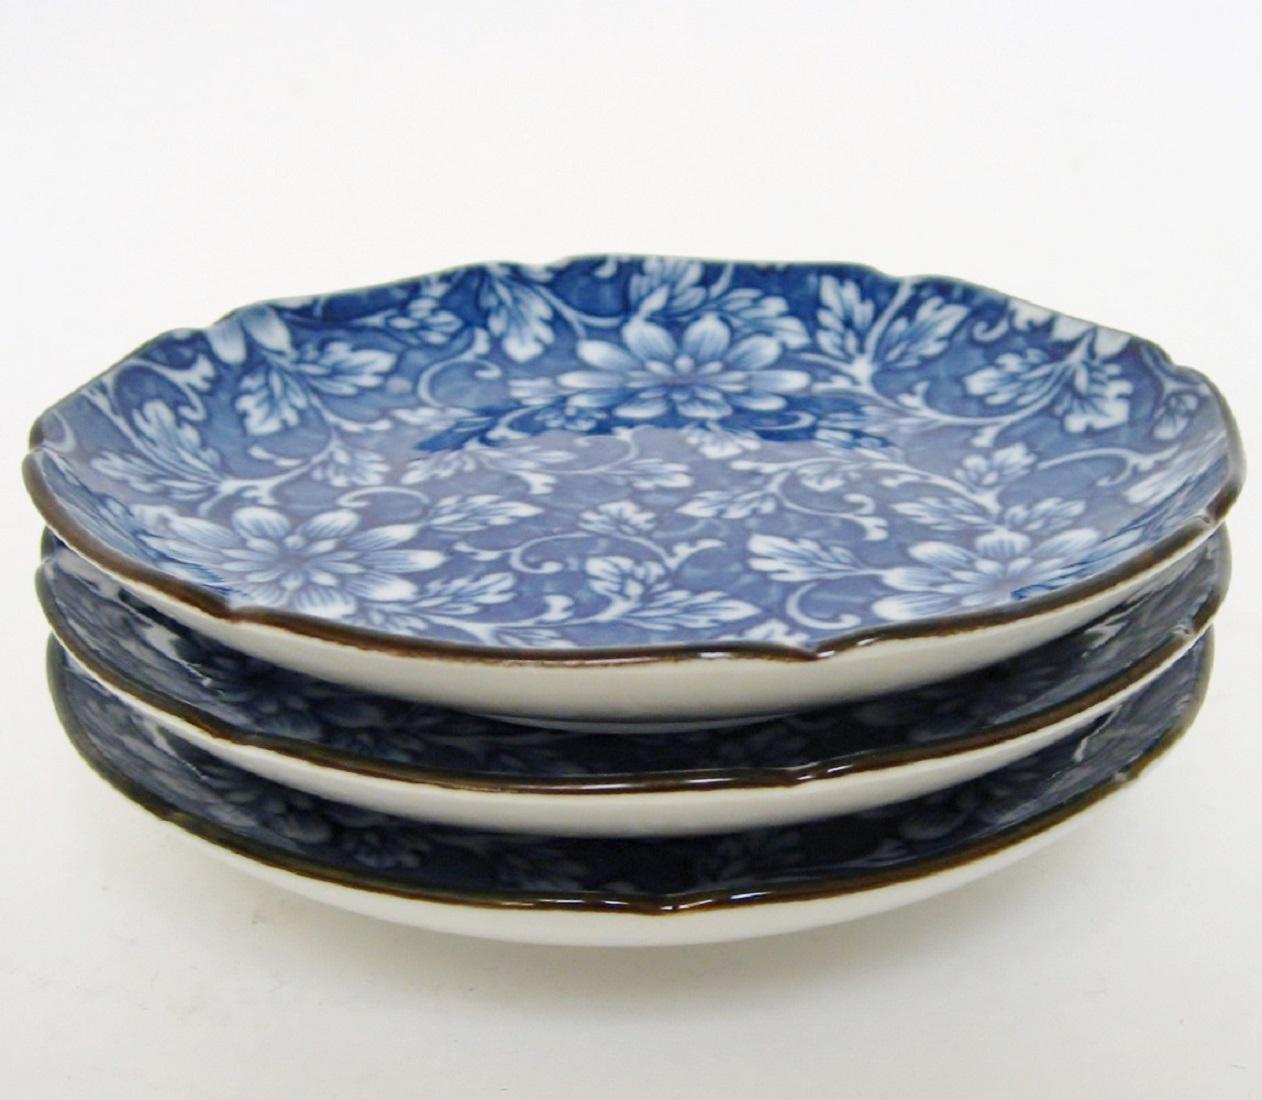 Takahashi Blue u0026 White Plates - Set of 3 - Image 4 ...  sc 1 st  Chairish & Takahashi Blue u0026 White Plates - Set of 3 | Chairish